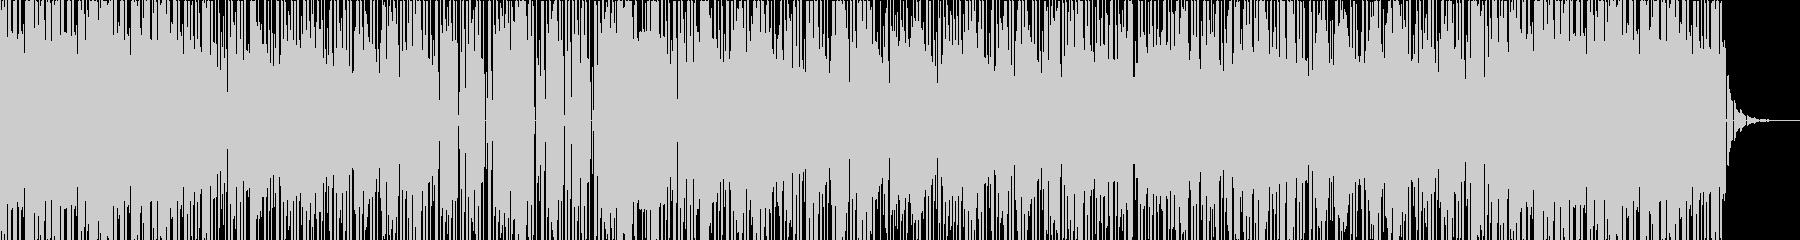 90年代/70年代風のソウルフルなビートの未再生の波形